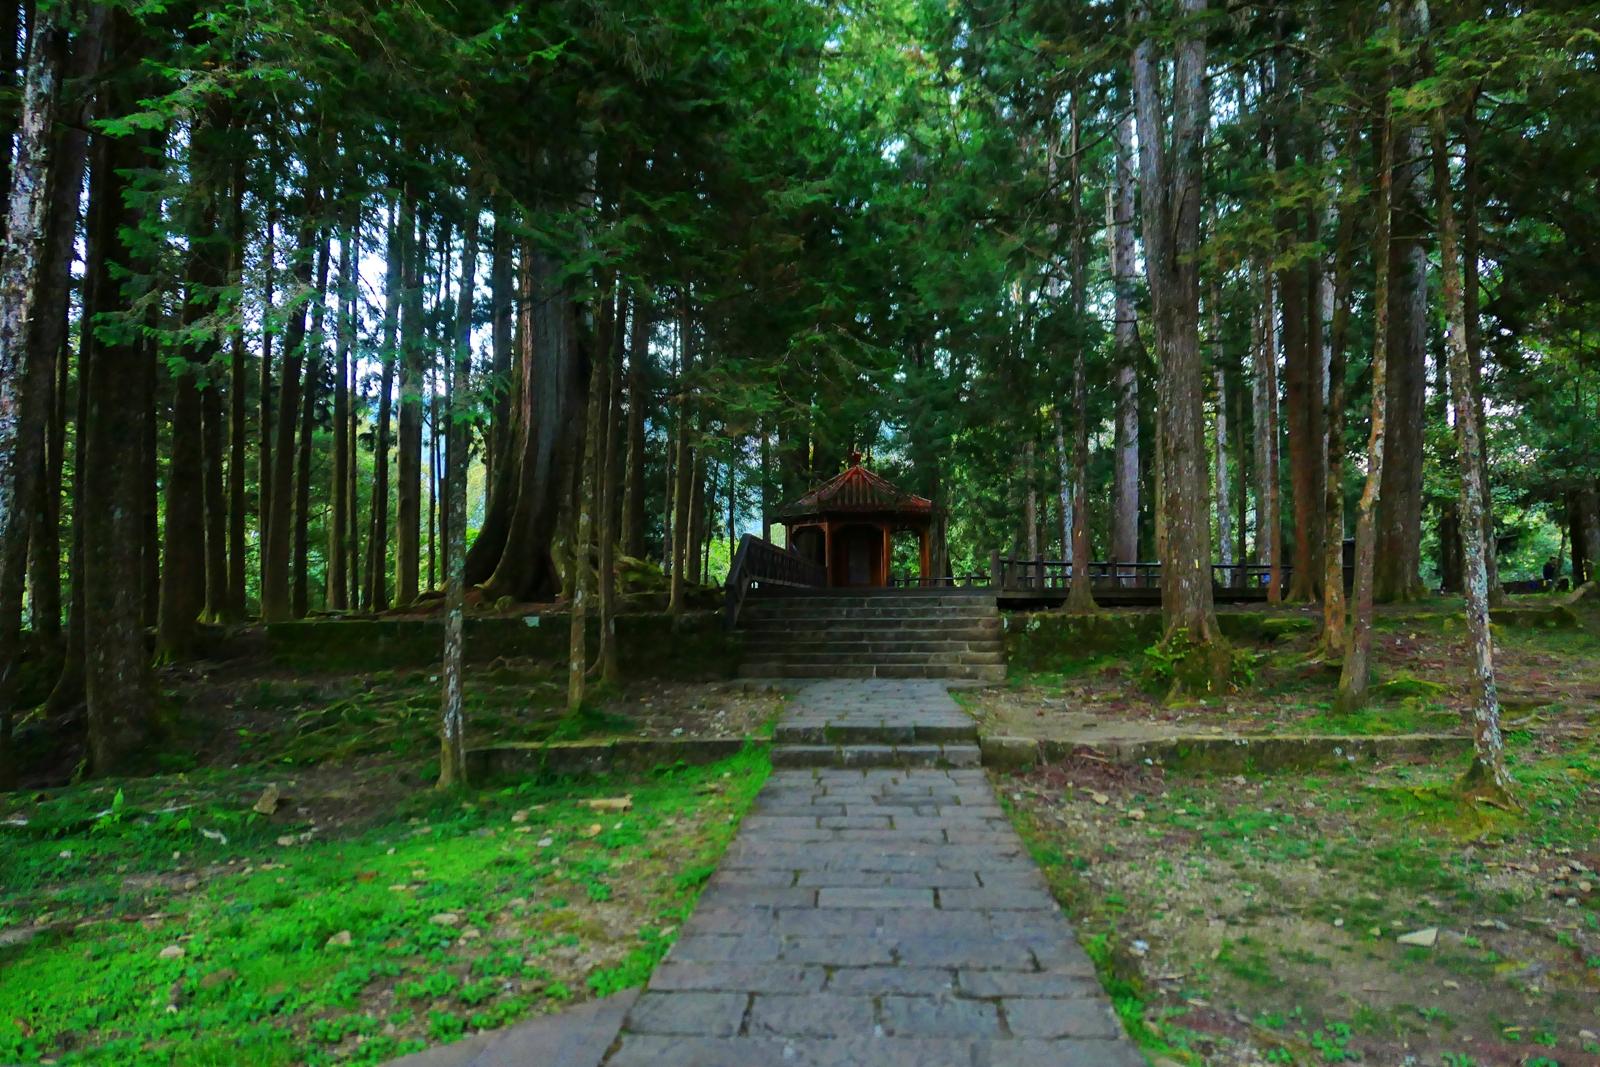 阿里山神社遺址 | ありさんじんじゃ | 歷史的眼淚 | 嘉義 | 臺灣 | 巡日旅行攝